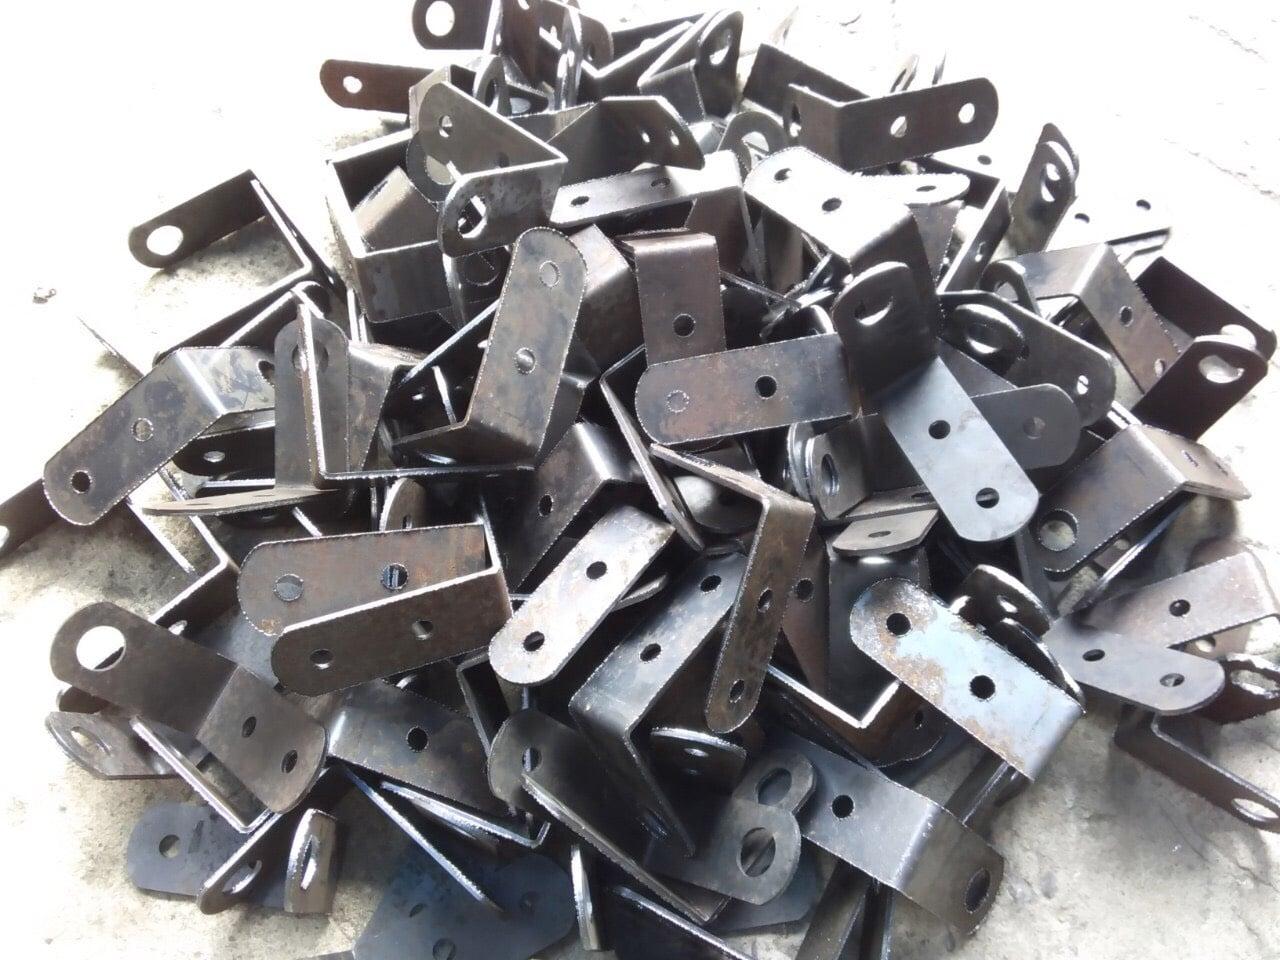 Trần hùng metal Công ty An Kiều : inox 304 cắt lazer dày 12mm bản vuông 40 , lỗ 26